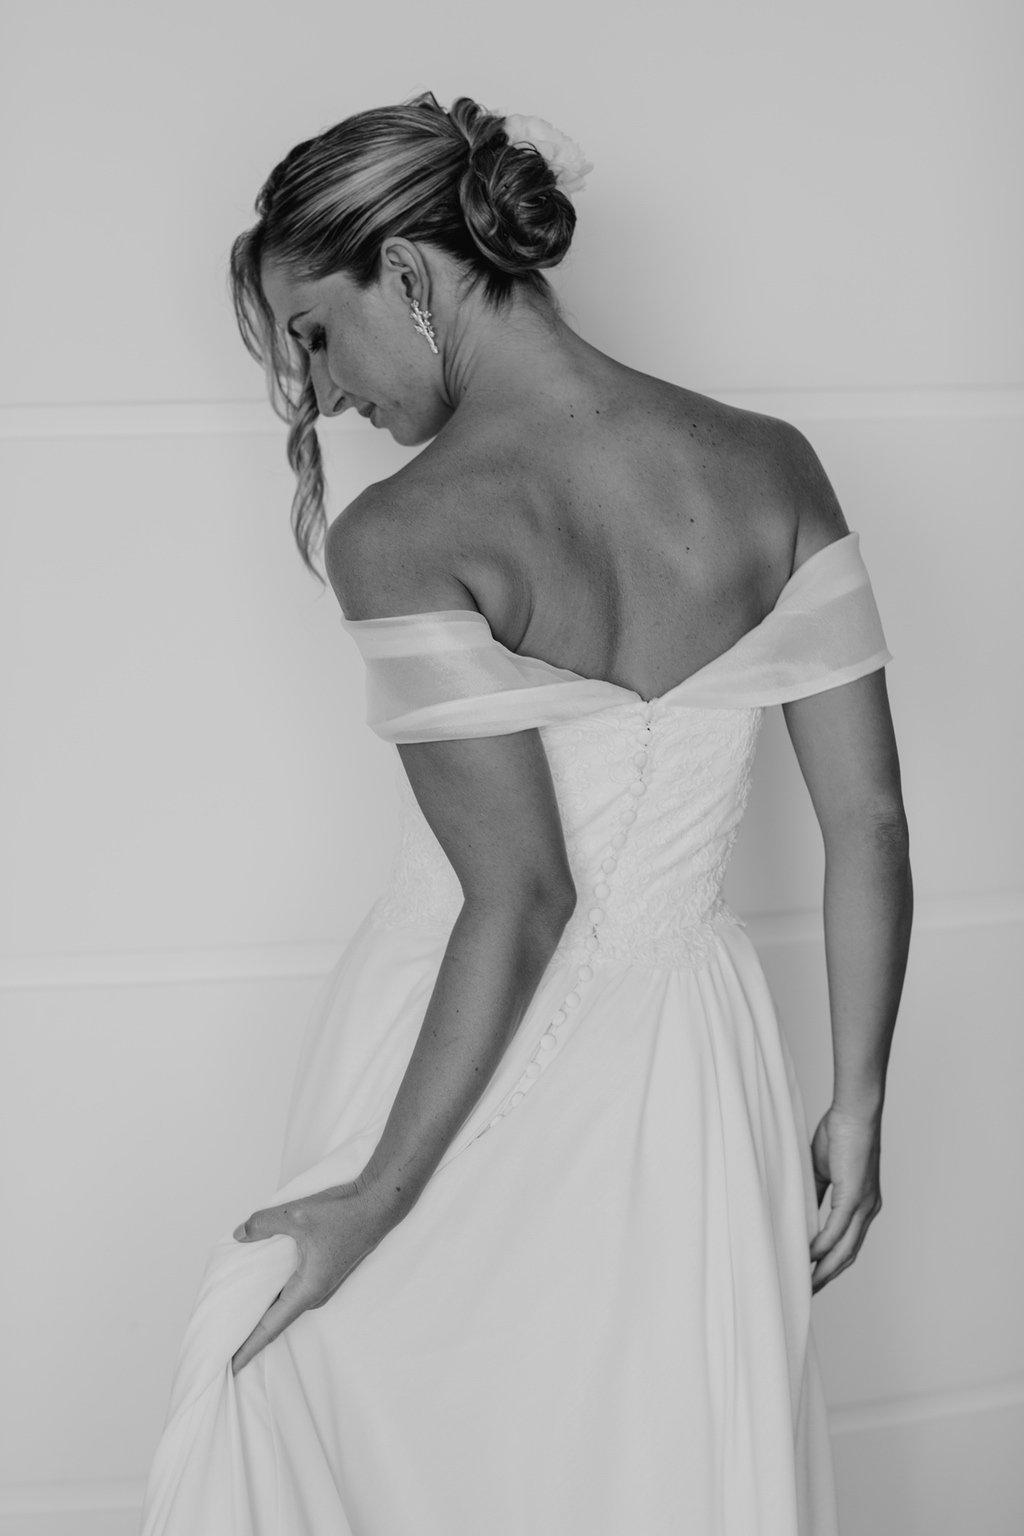 bride-bridal-wedding-dress-beach-wedding-Sabaudia-